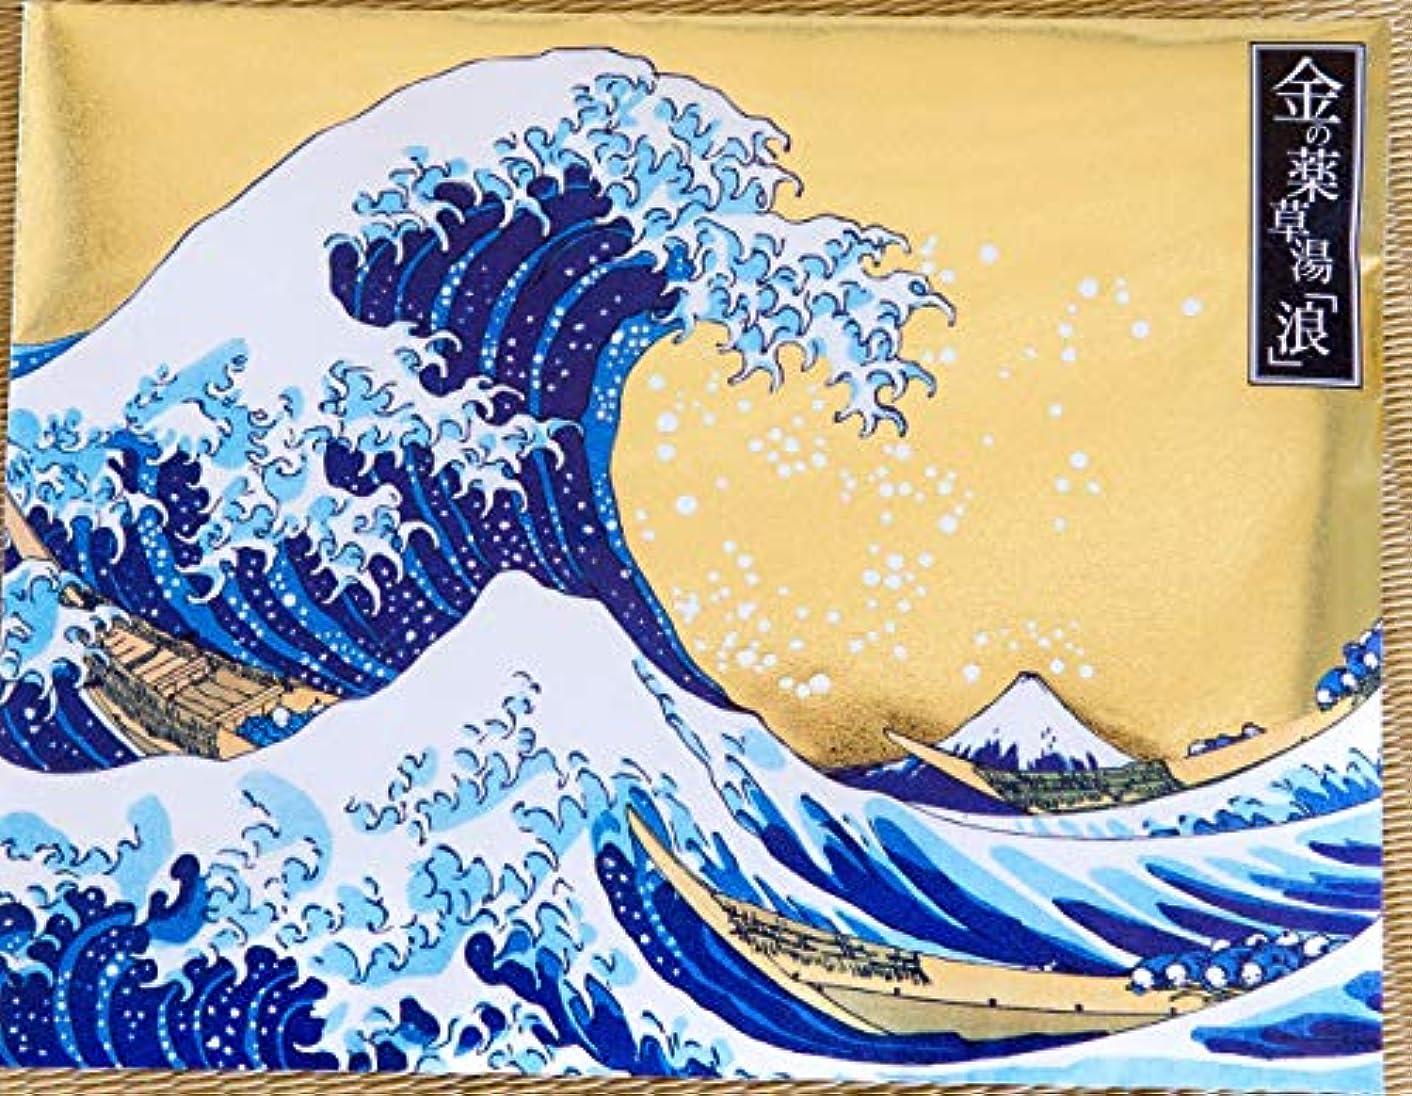 金の薬草湯「浪」 神奈川沖浪裏(富嶽三十六景)